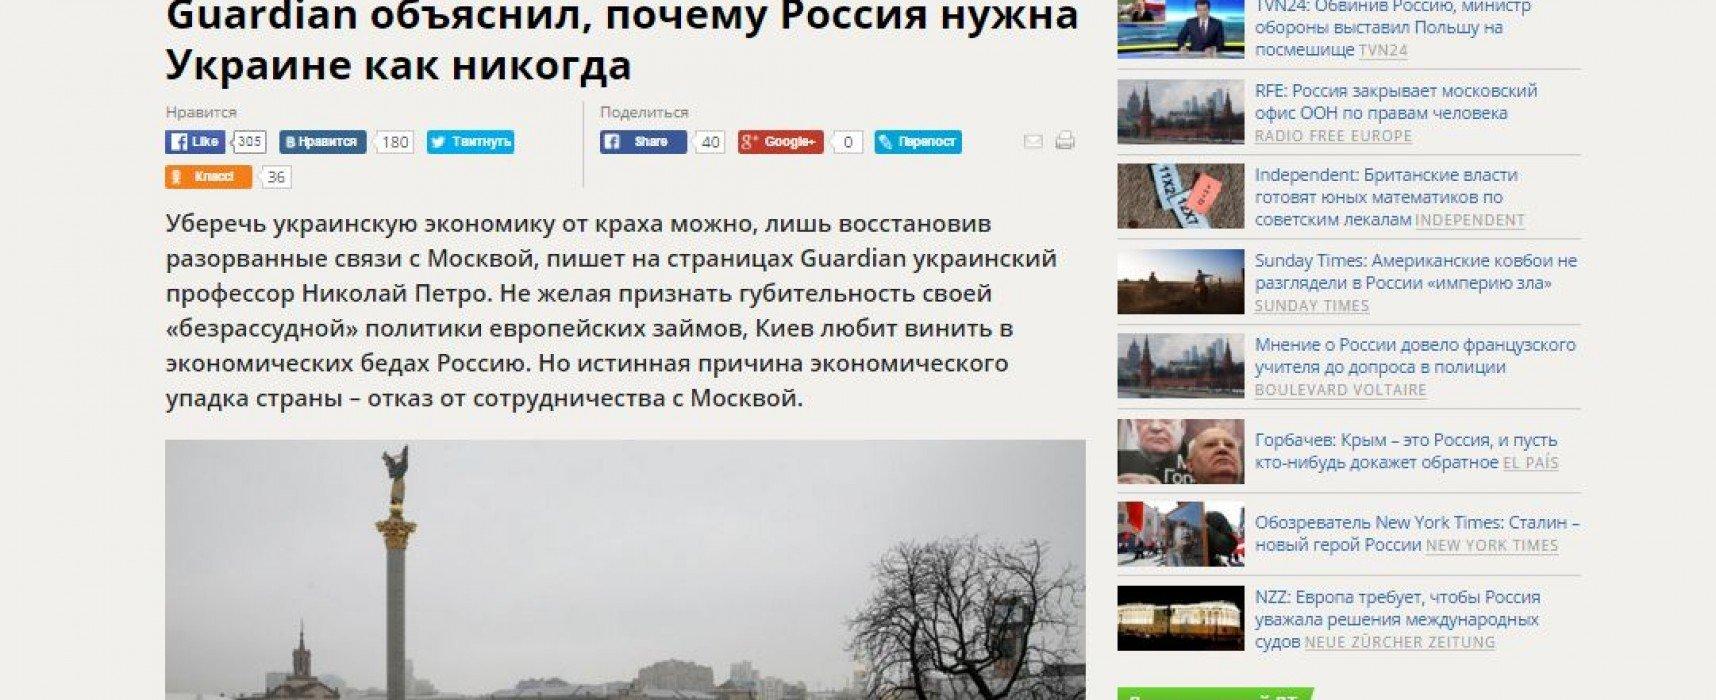 """""""Guardian"""" a publicat un comentariu cu informații false despre Ucraina"""